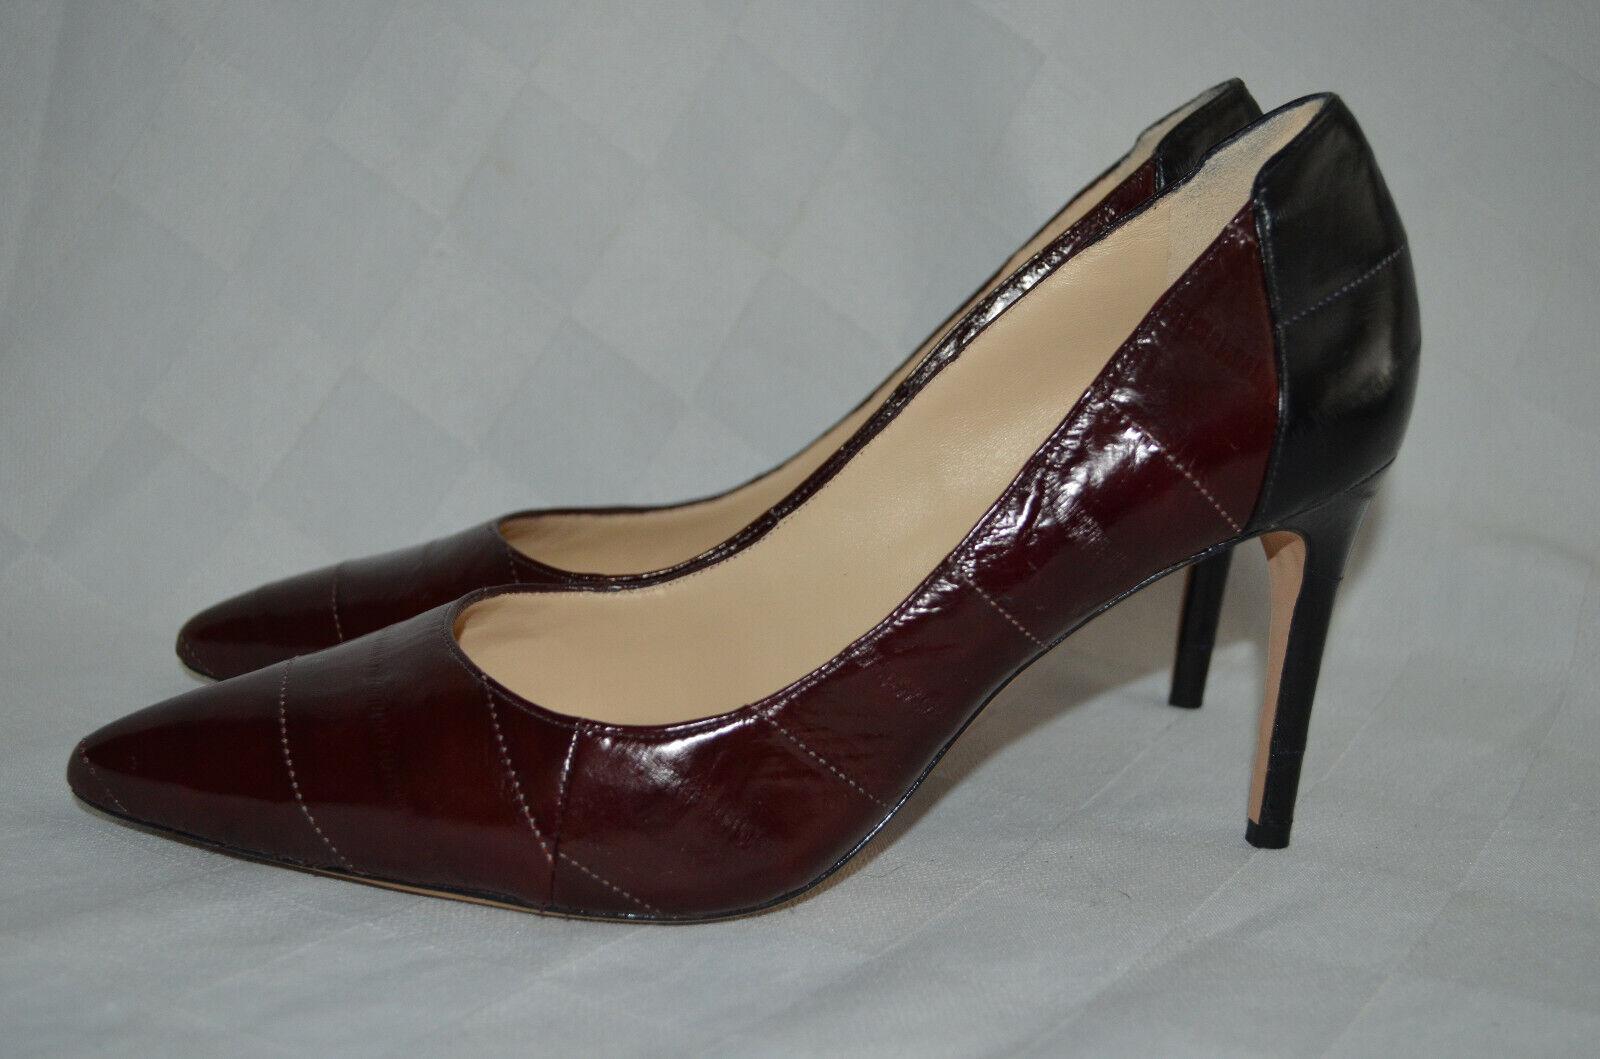 38 7.5 Alexandre Birman Cranberry Black Leather Classic Pumps 3.25